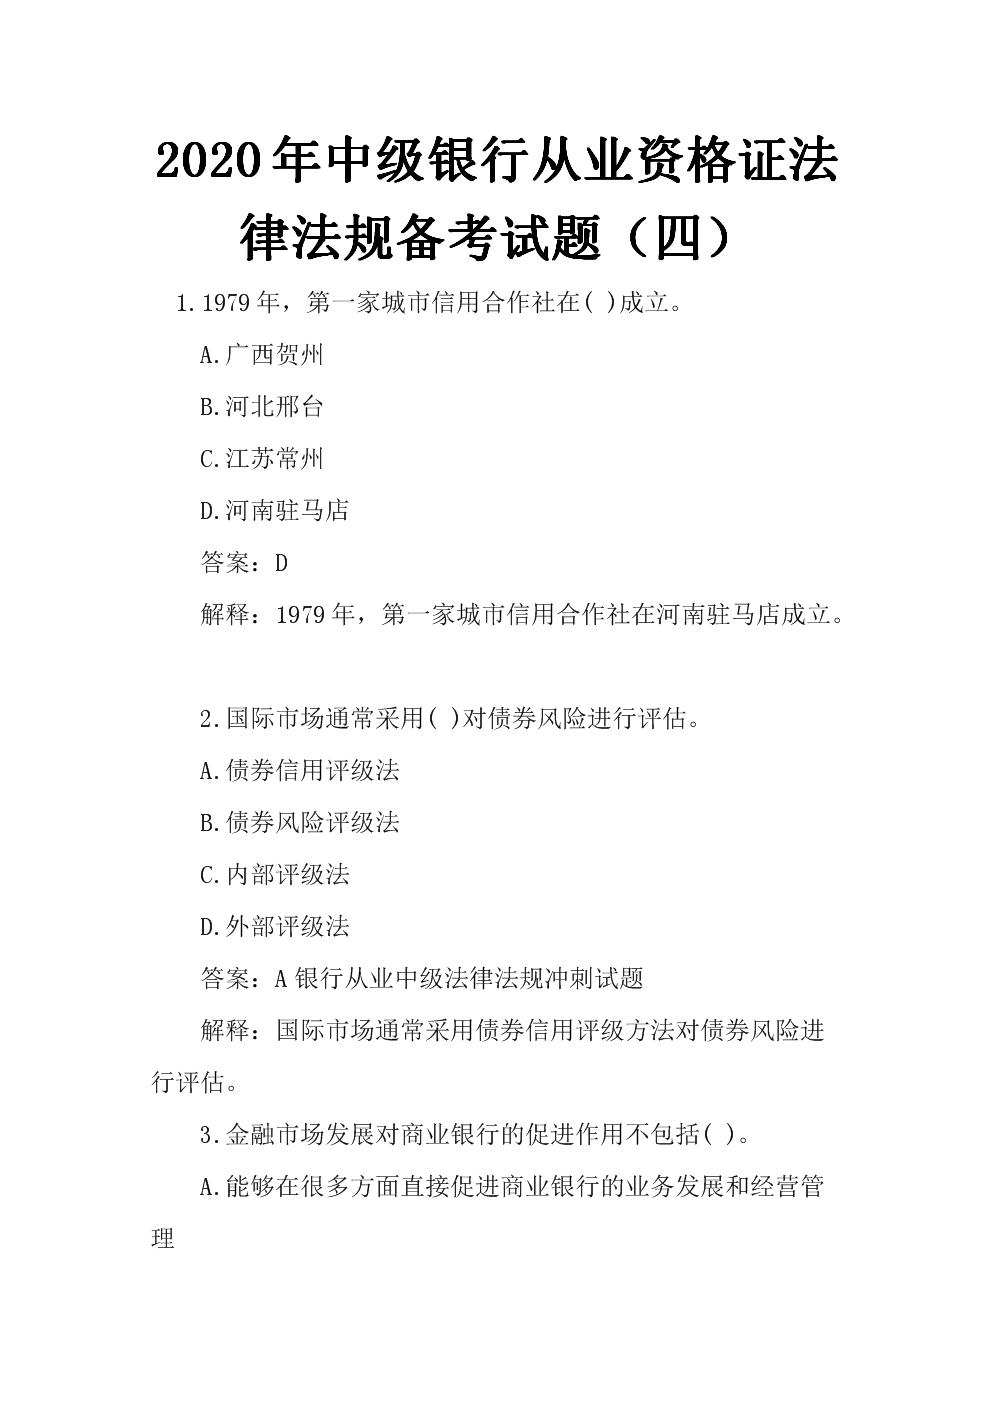 2020年中级银行从业资格律法规备考试题(四).docx